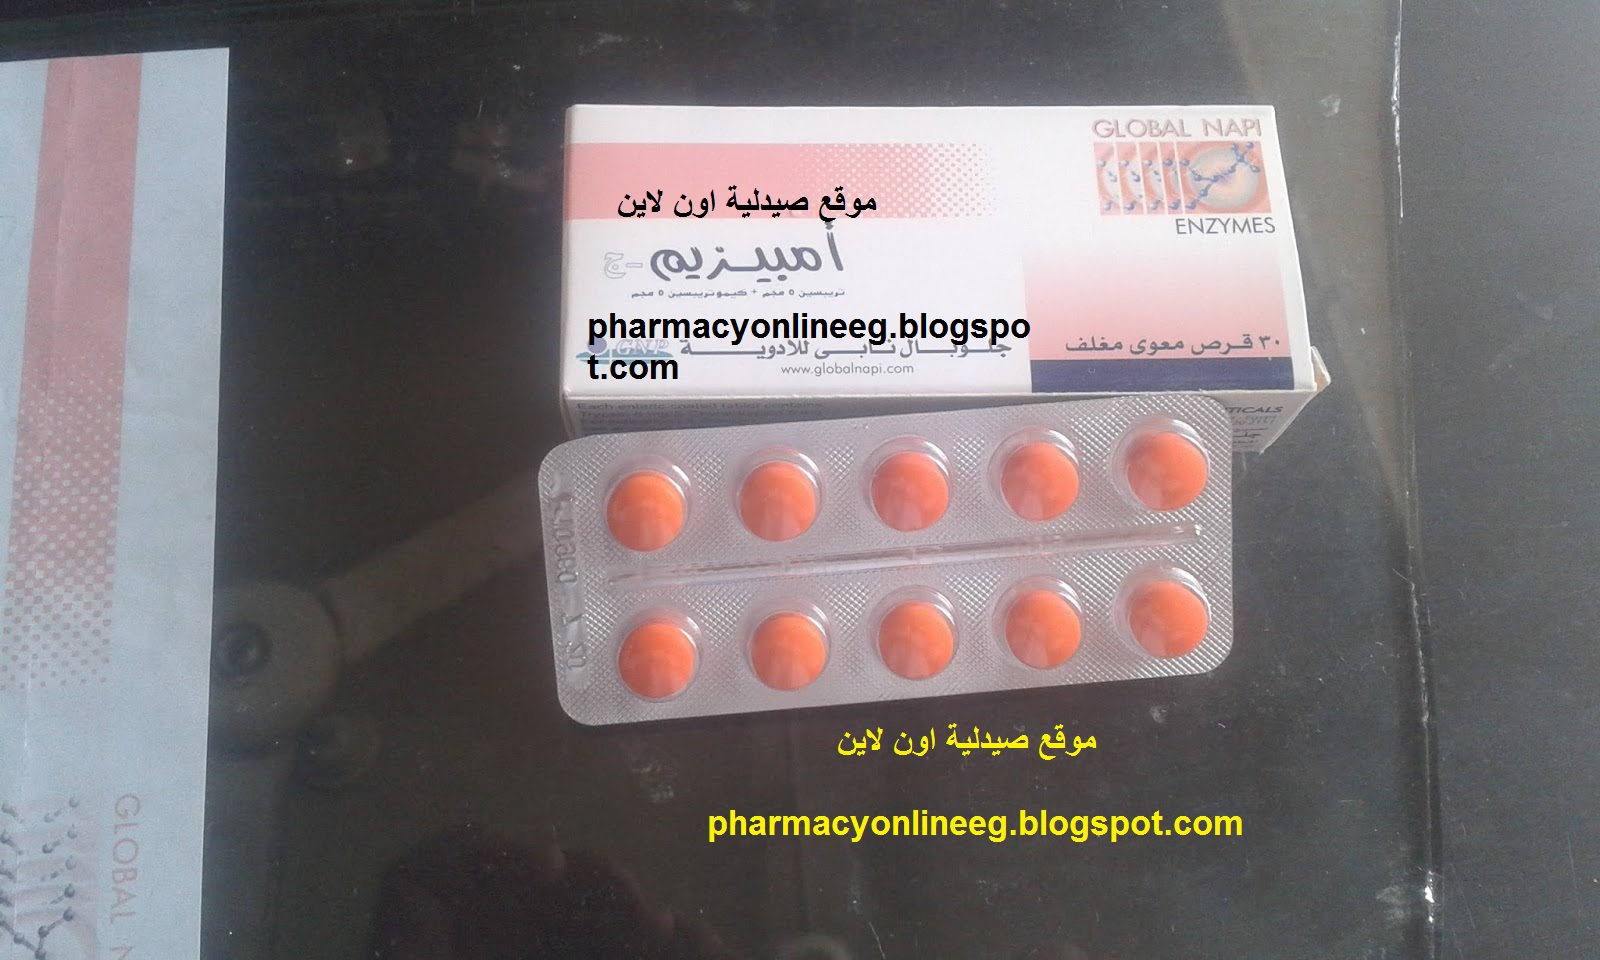 أمبيزيم أقراص مضاد للالتهابات الاوردة والتهاب الجلطة الوريدية و التهاب الجيوب الانفية والتهاب الاذن